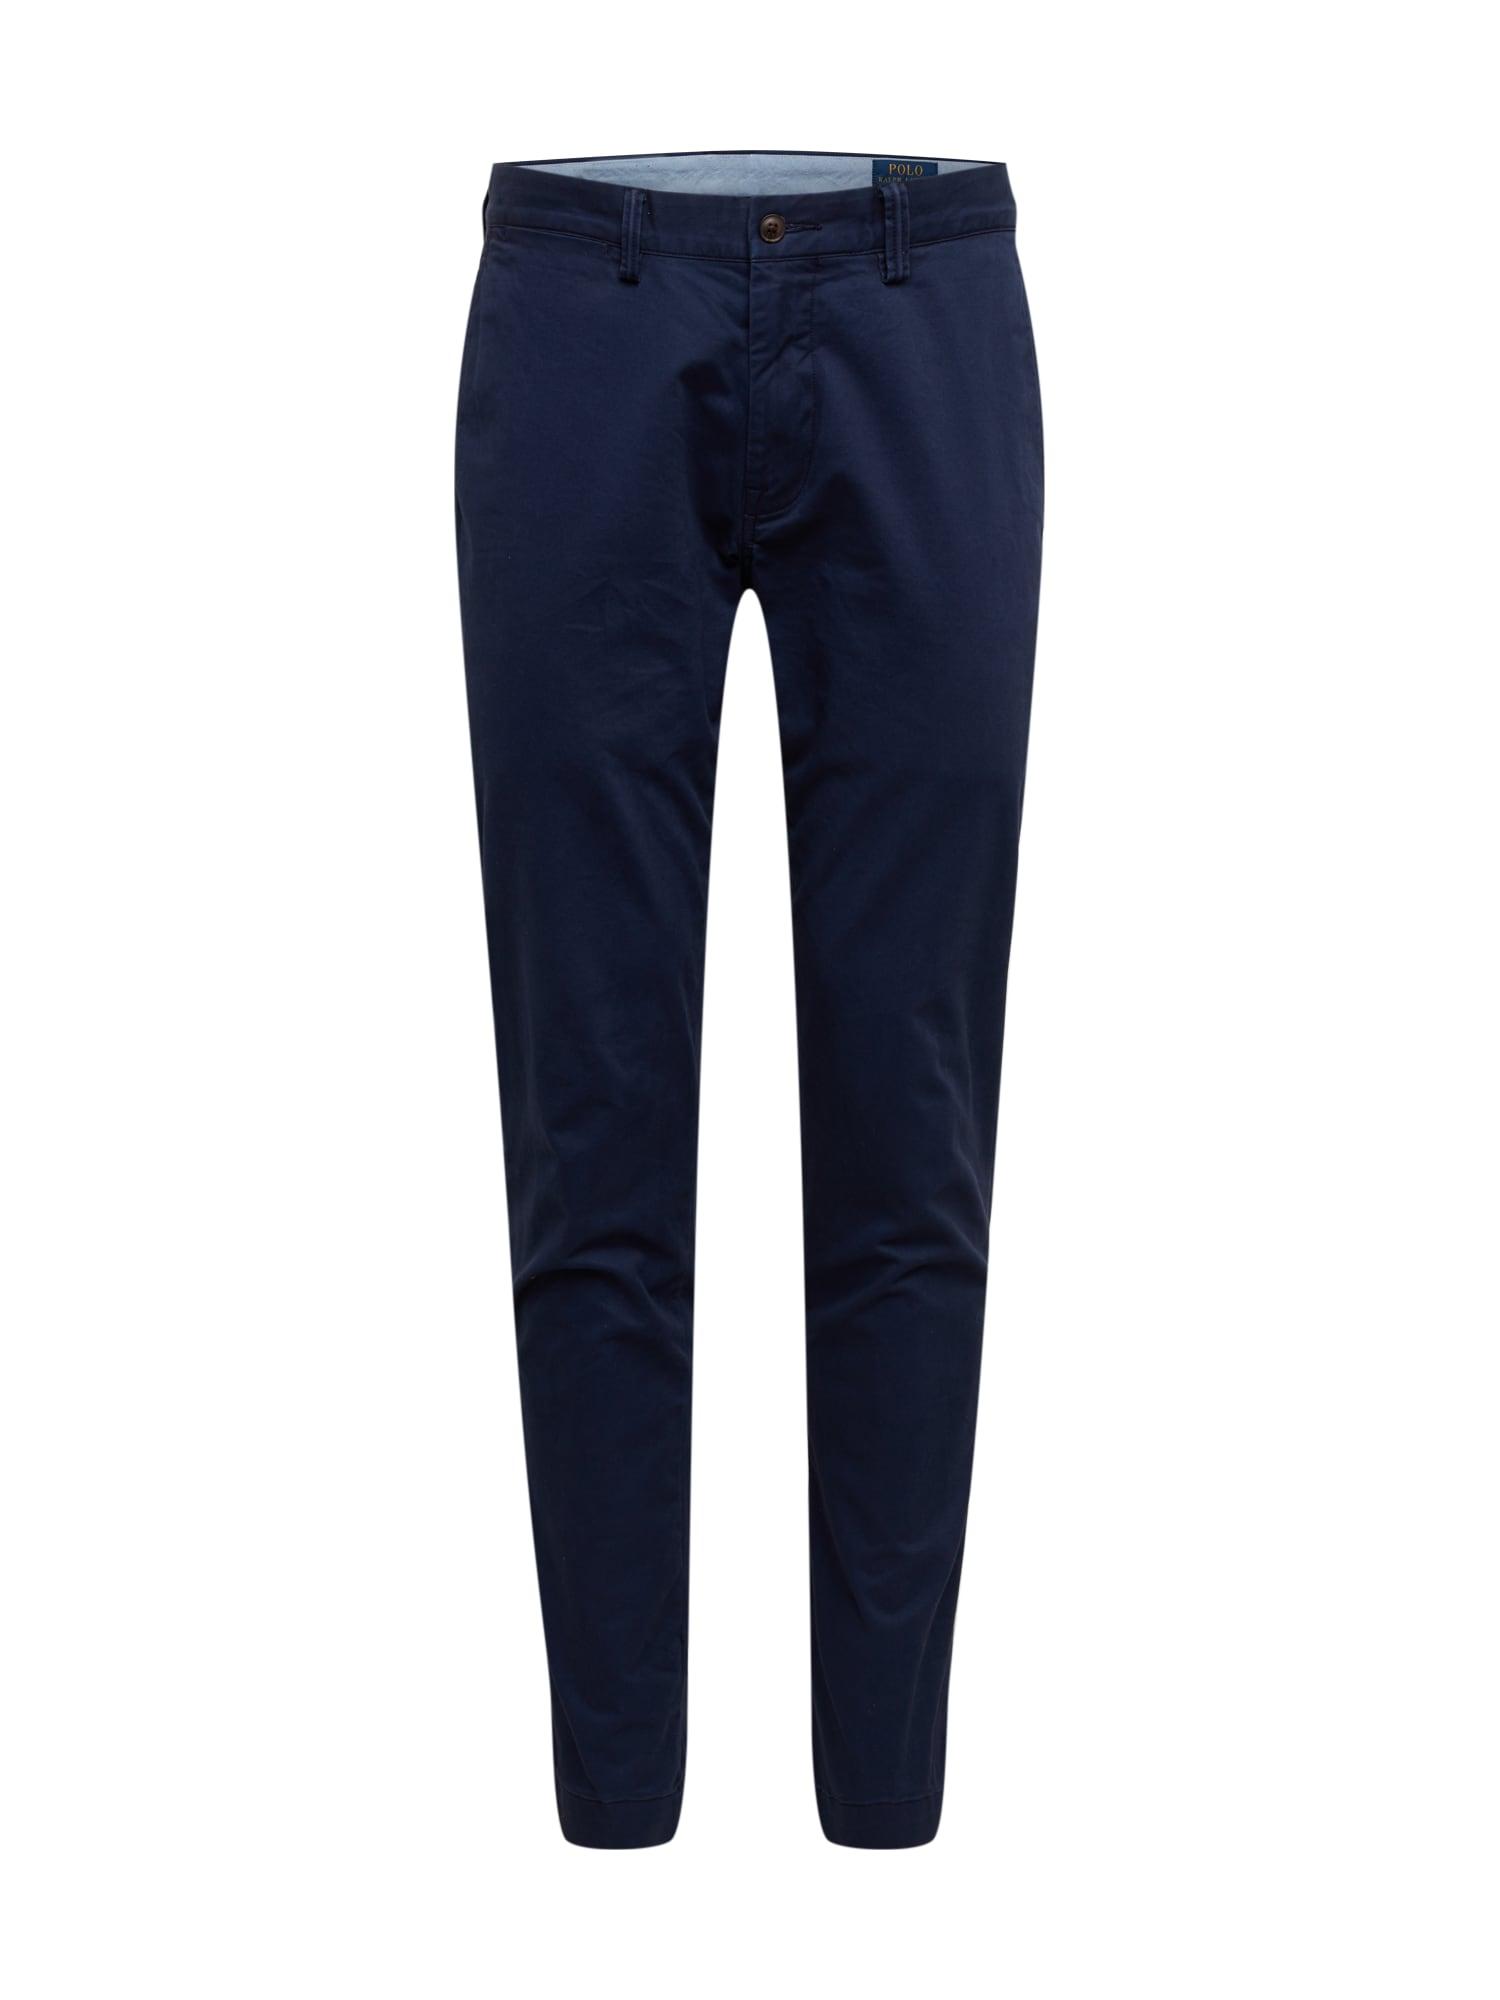 POLO RALPH LAUREN Chino kalhoty 'Bedford'  námořnická modř